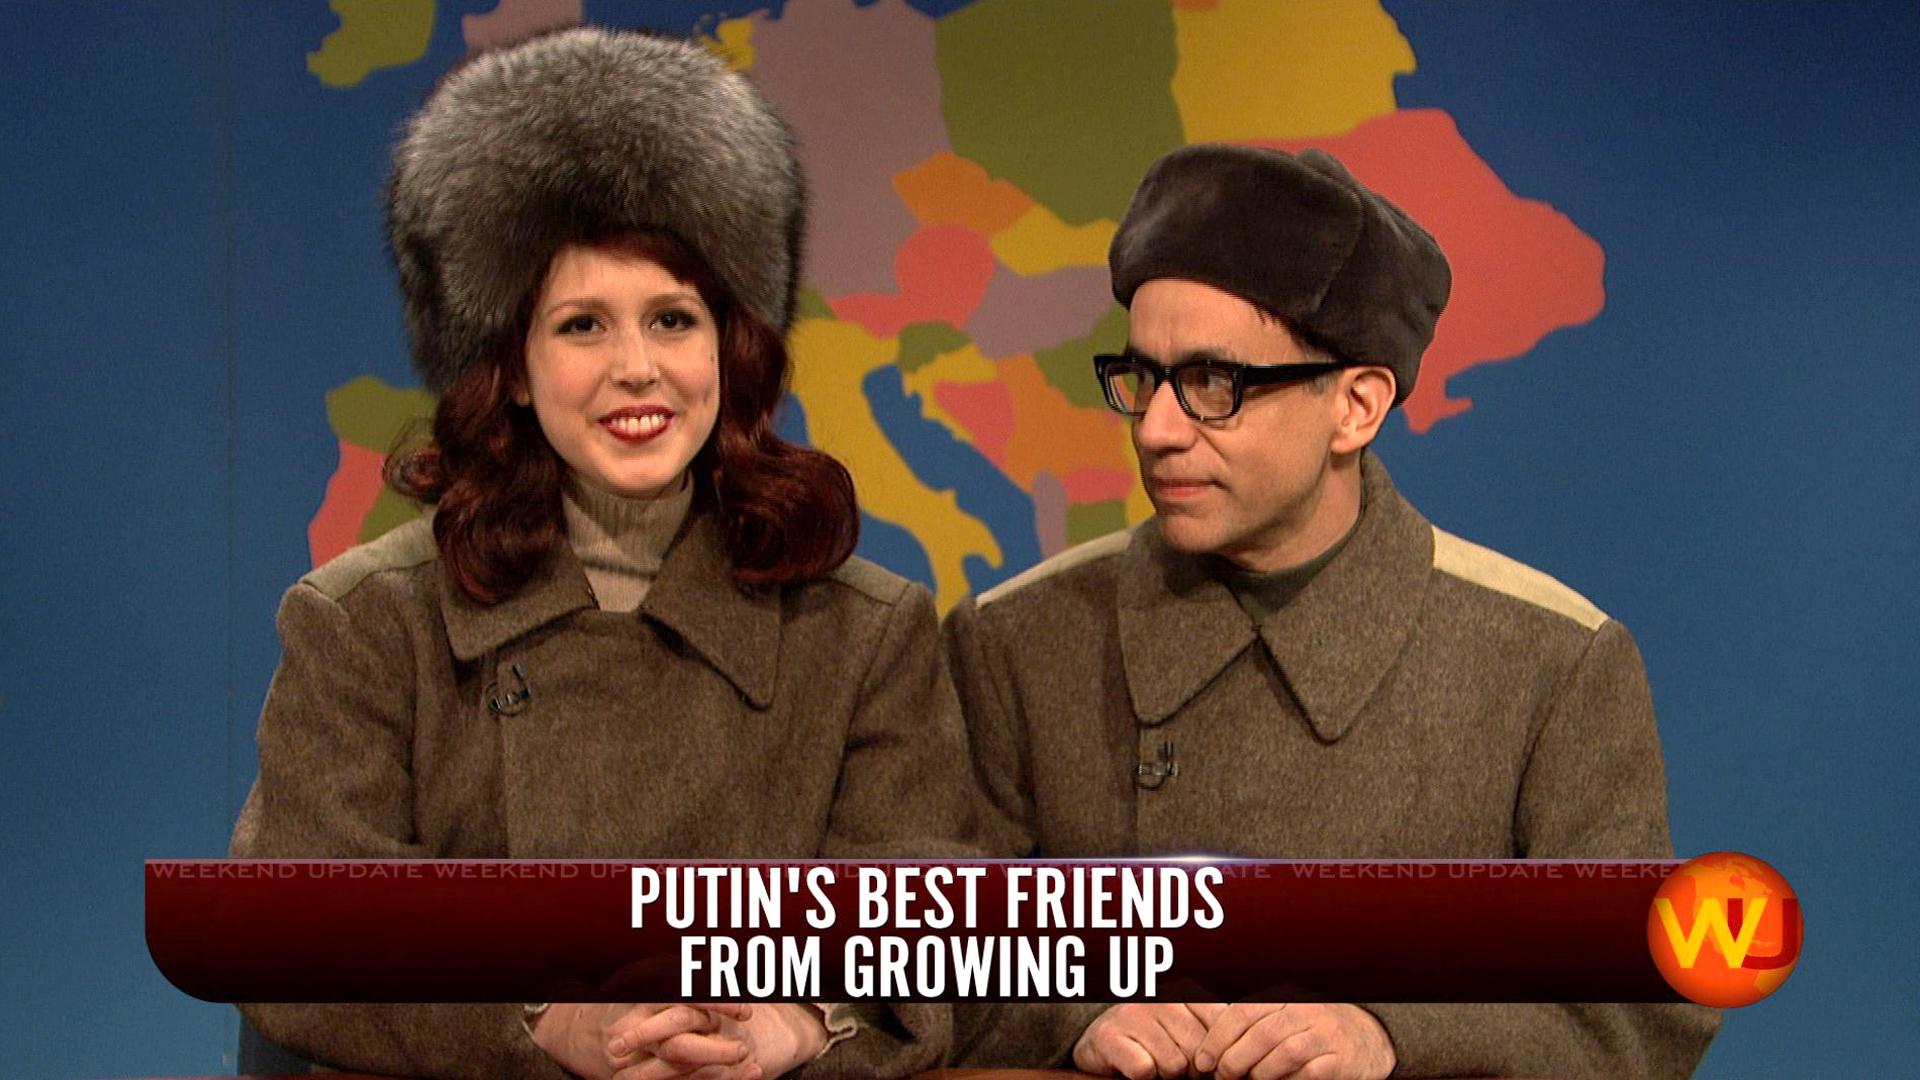 Watch Weekend Update Vladimir Putins Best Friends From